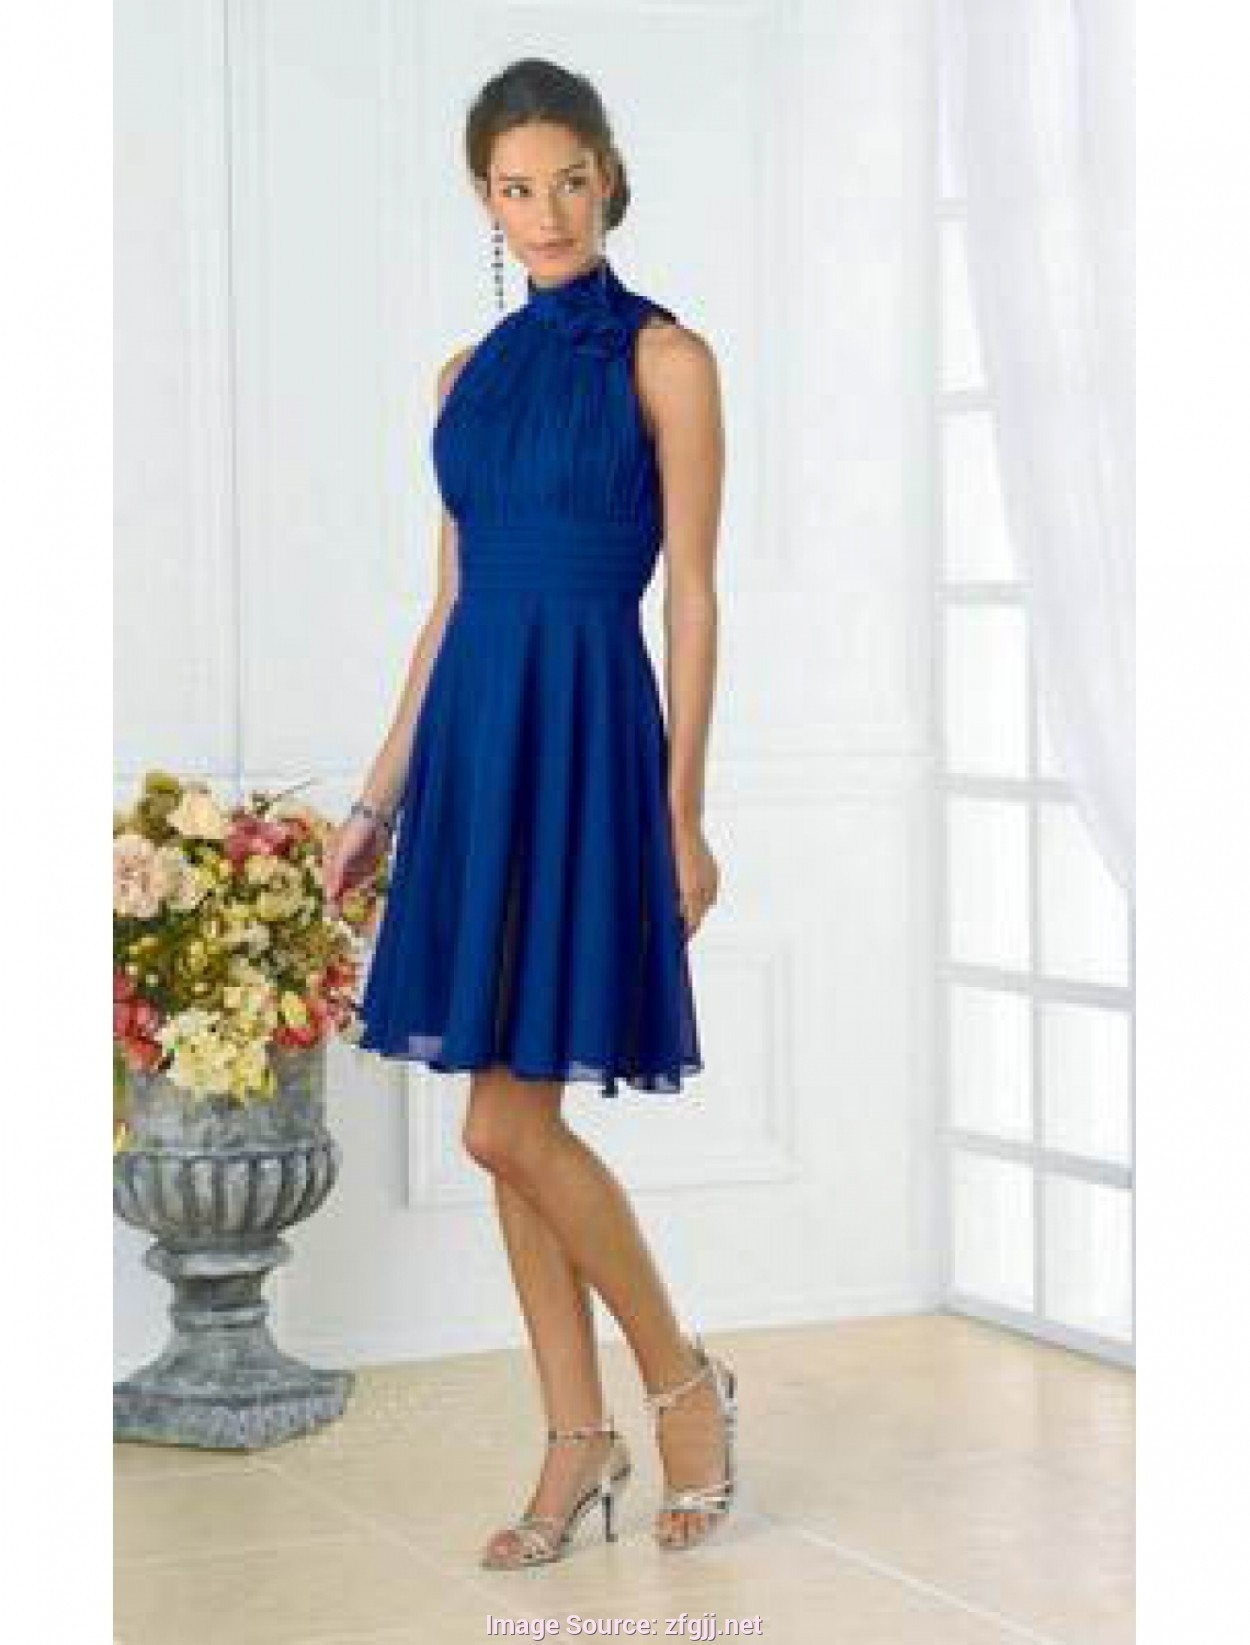 Abend Einzigartig Blaue Kleider Hochzeit Vertrieb - Abendkleid